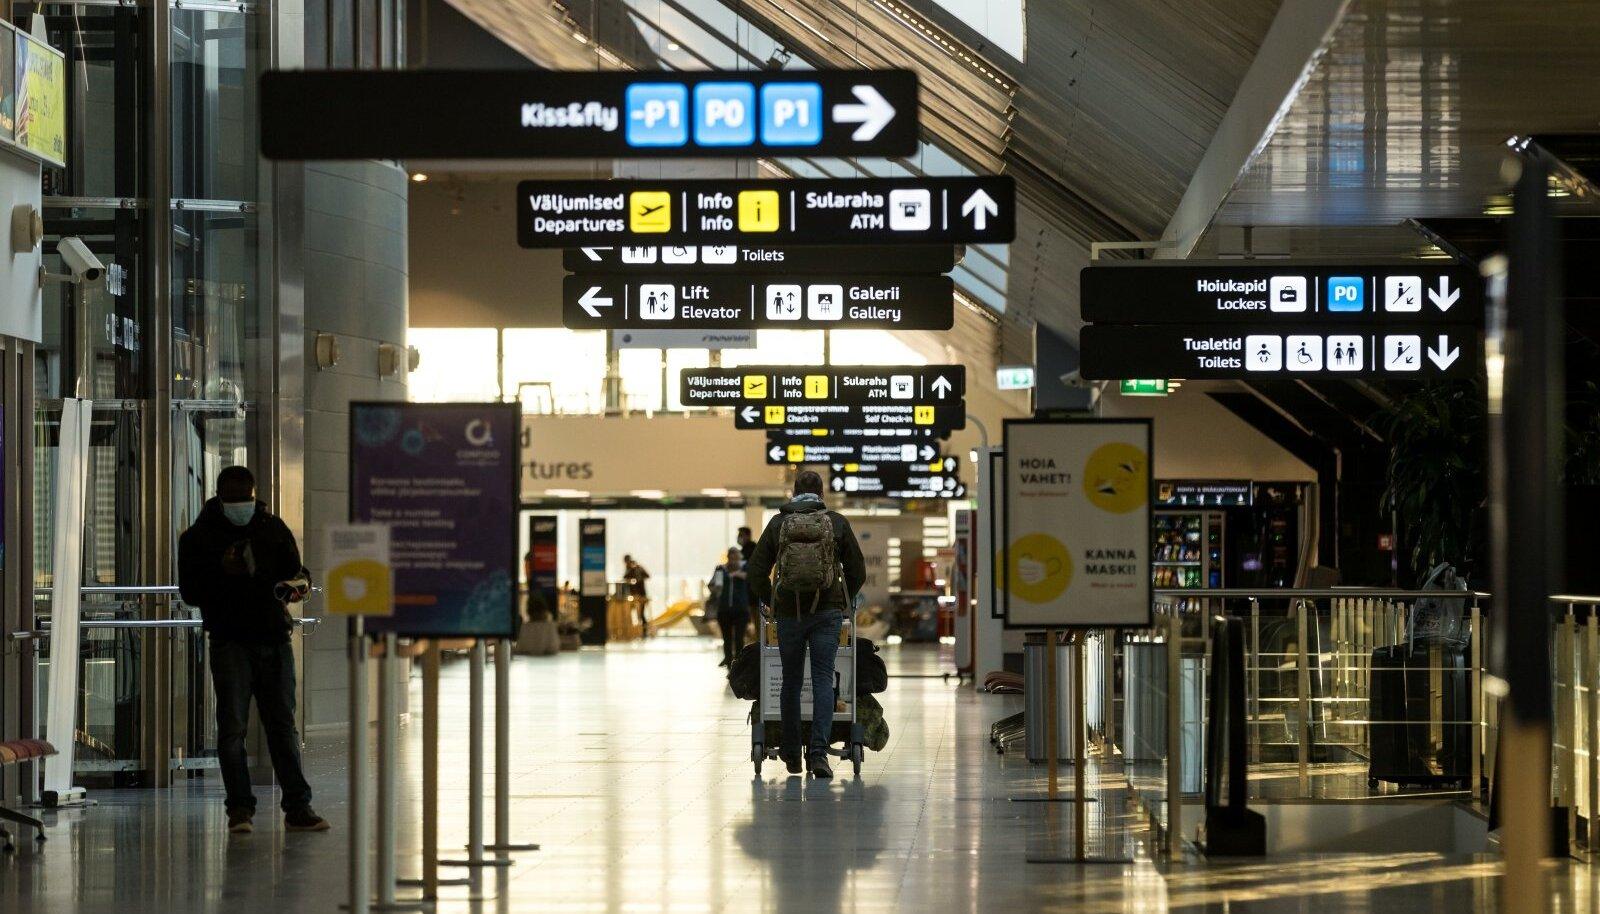 Lennujaama saabujad, pilt on illustratiivne.